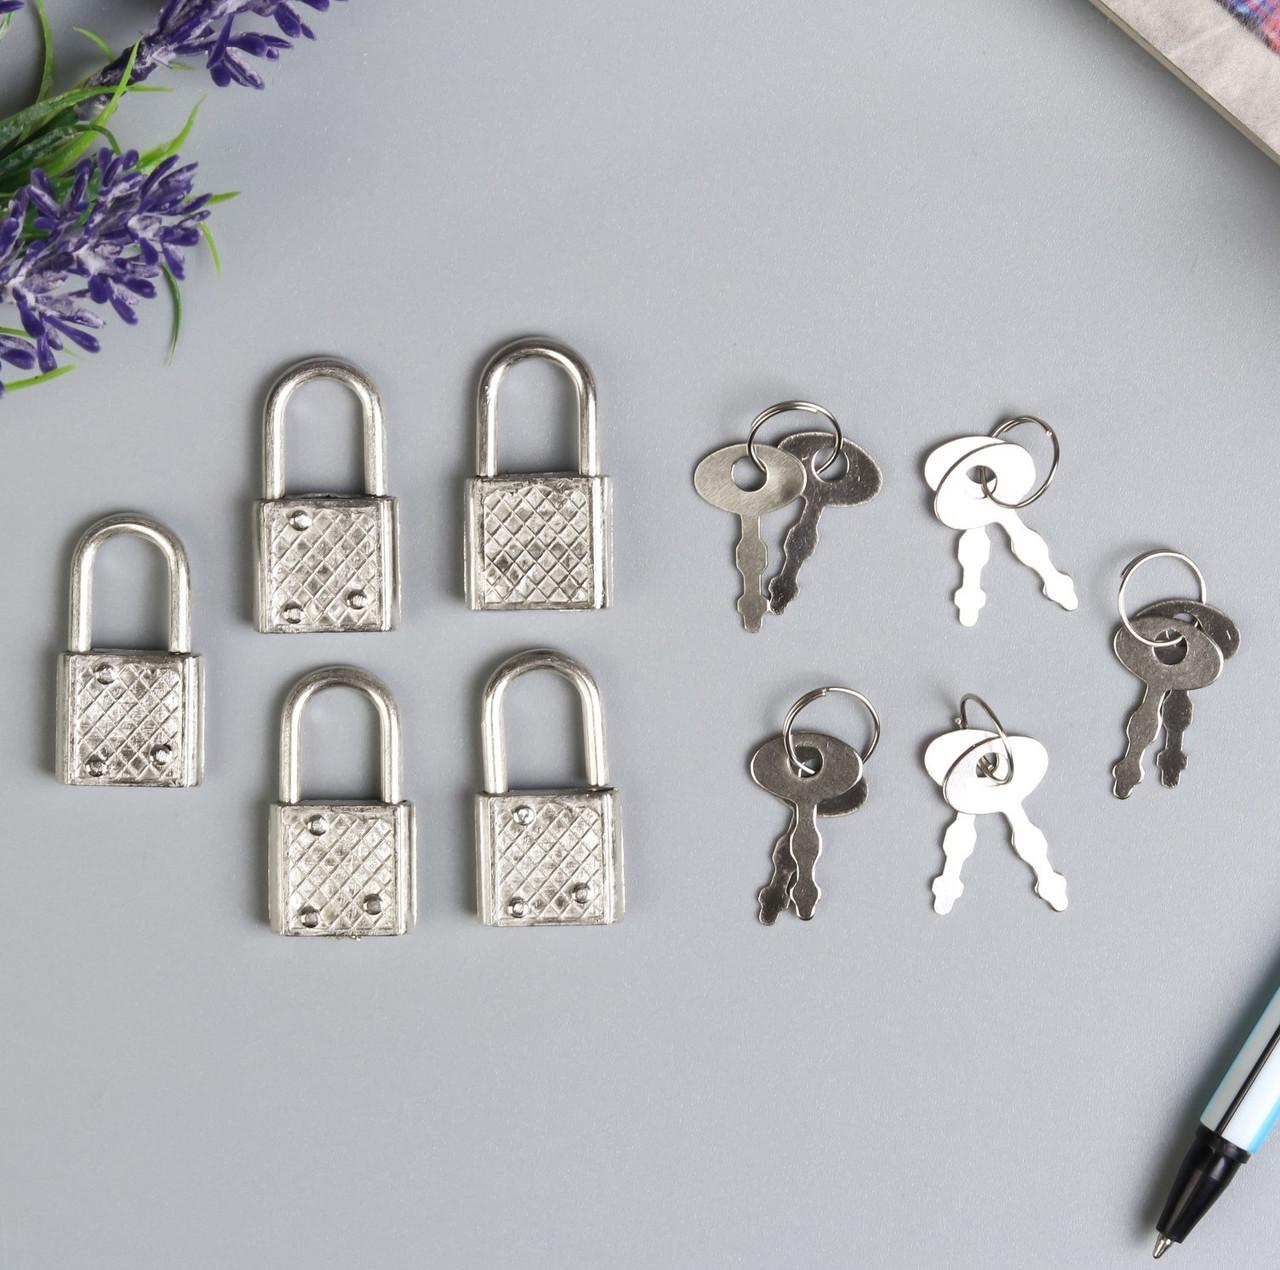 Замок навесной металл для шкатулок с ключом 3,3х1,9 см (5 штук)